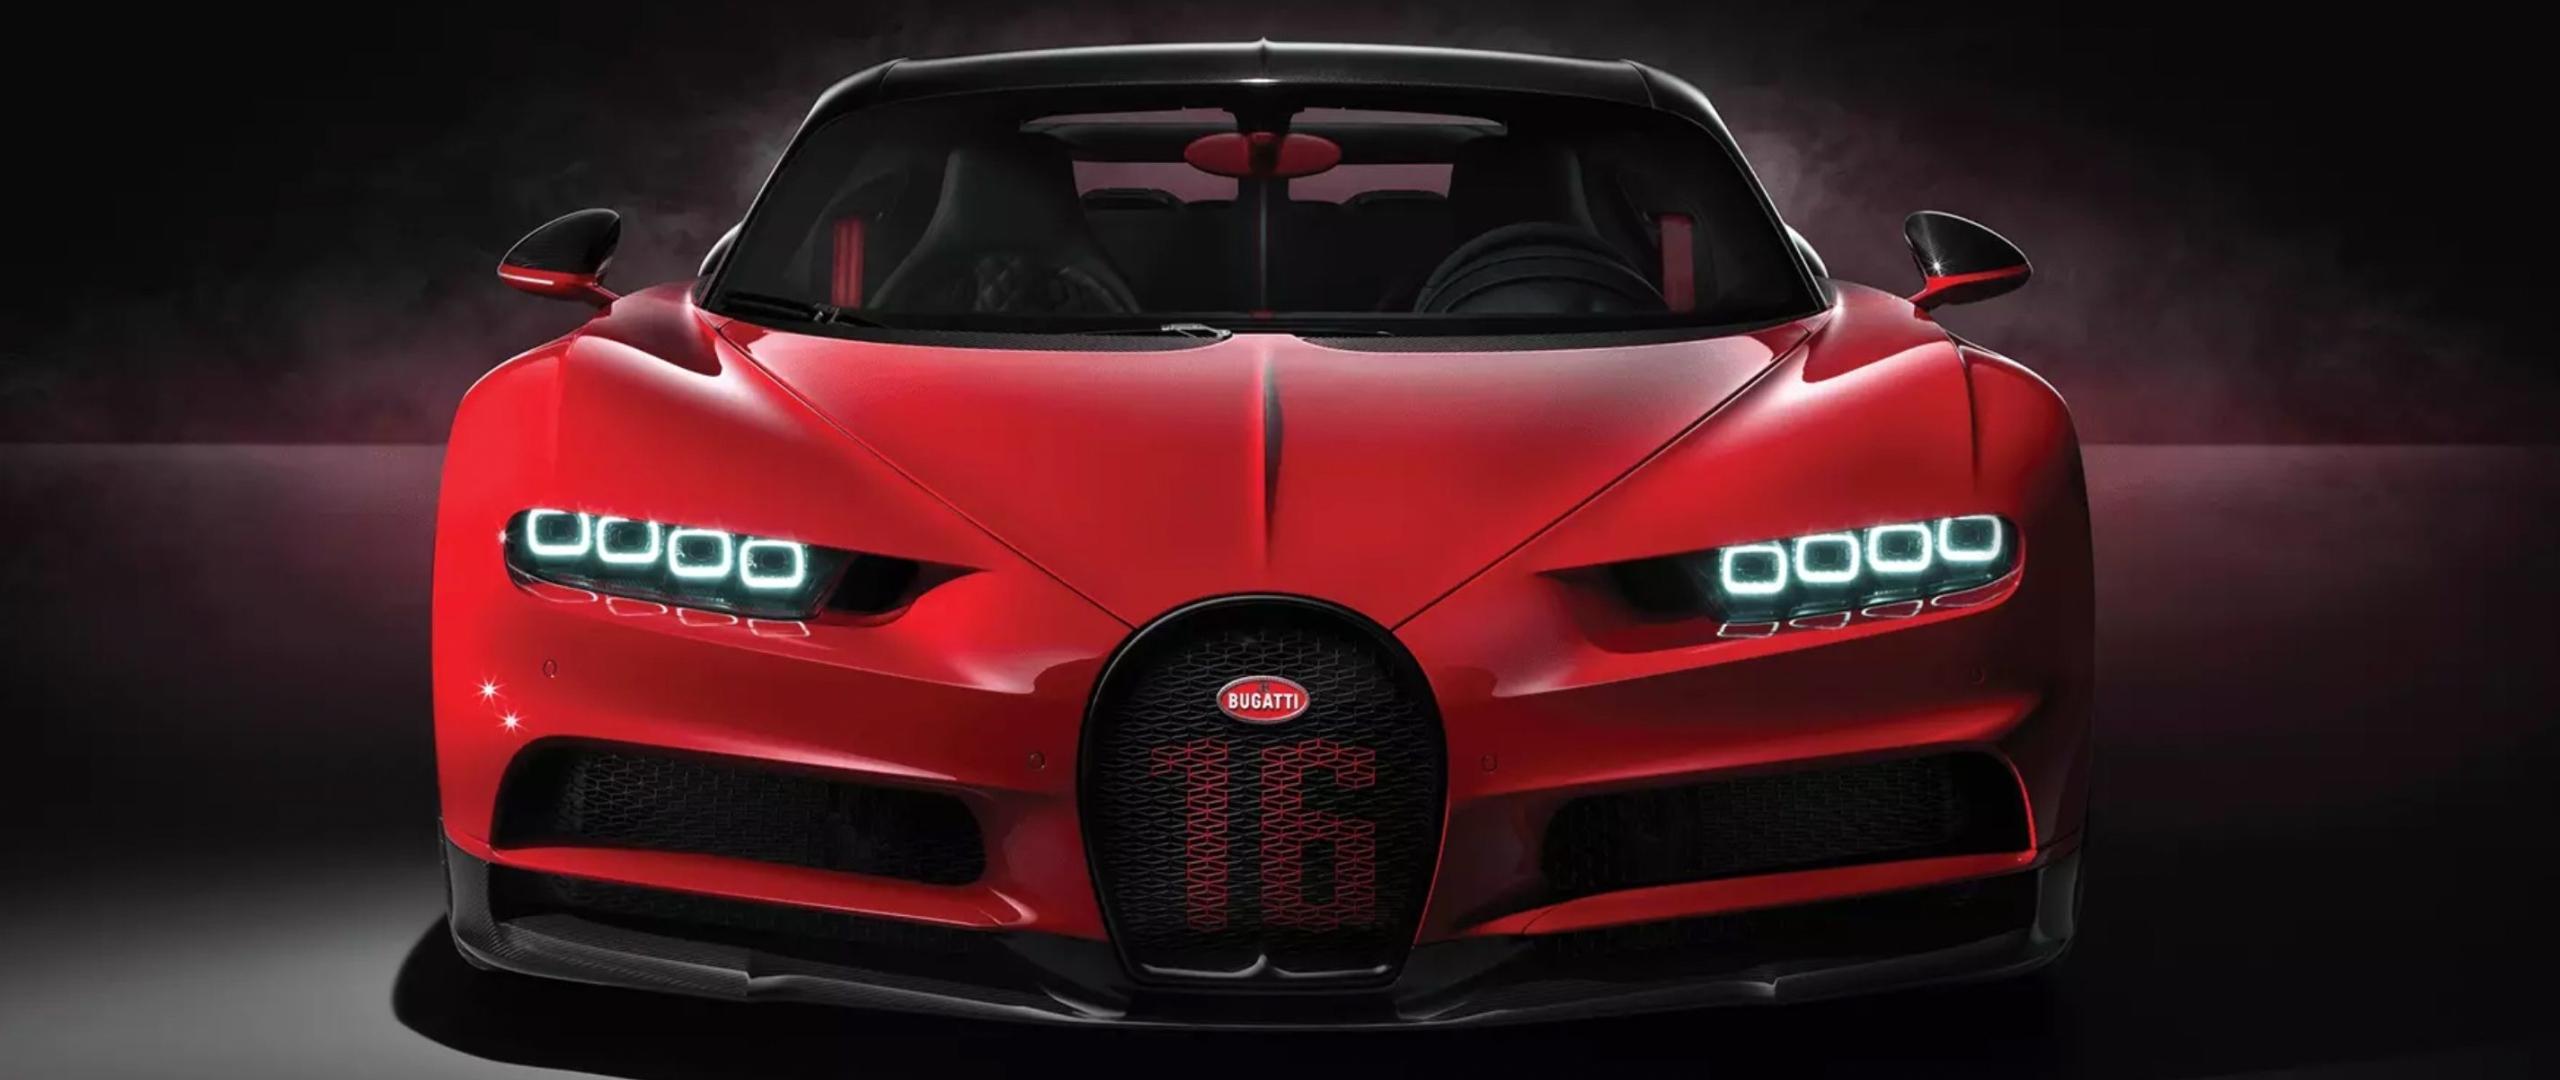 2560x1080 Bugatti Chiron and Chiron Sport 2560x1080 ...